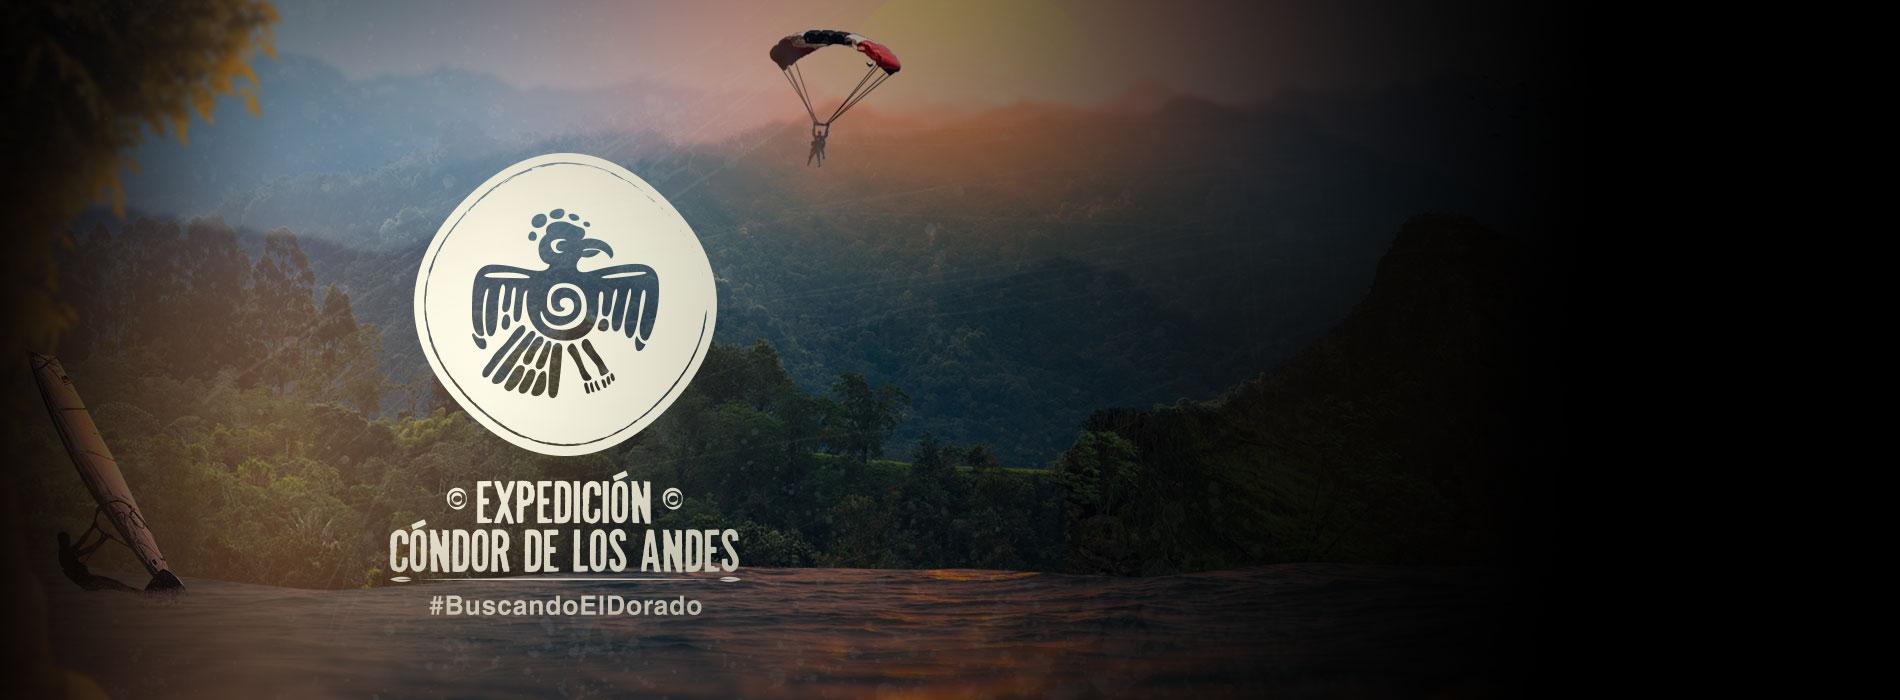 <i>Expedición Cóndor de los Andes</i>